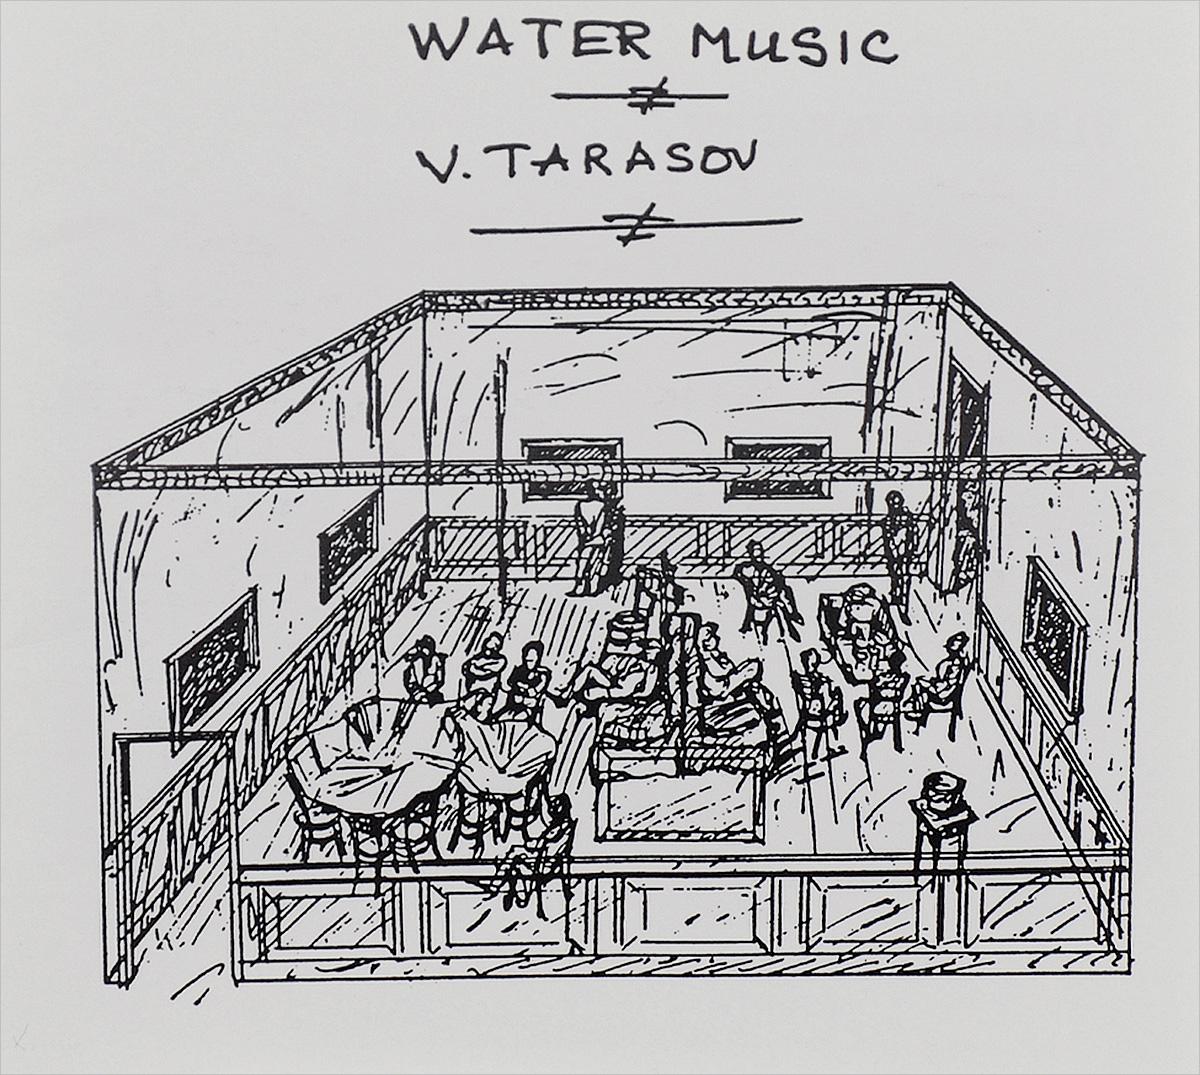 Vladimir Tarasov. Atto VII. Water Music (сингл)